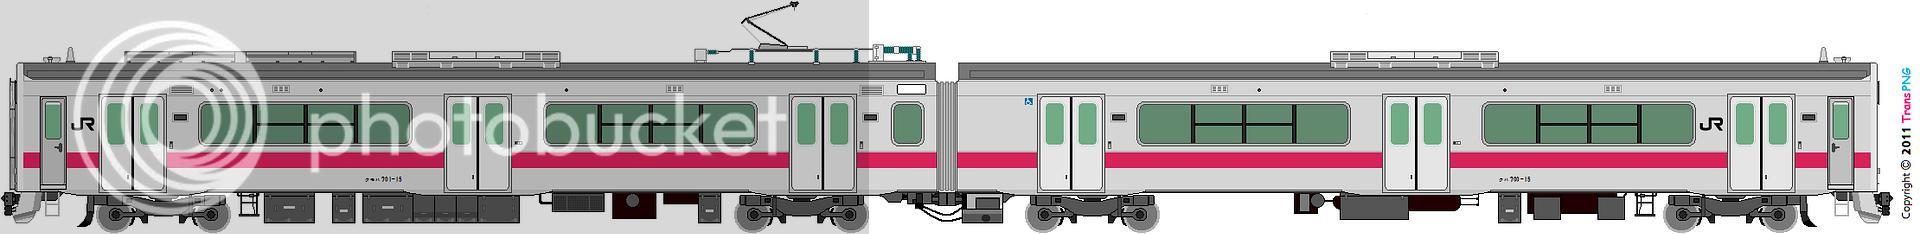 [5268] 東日本旅客鉄道 2268